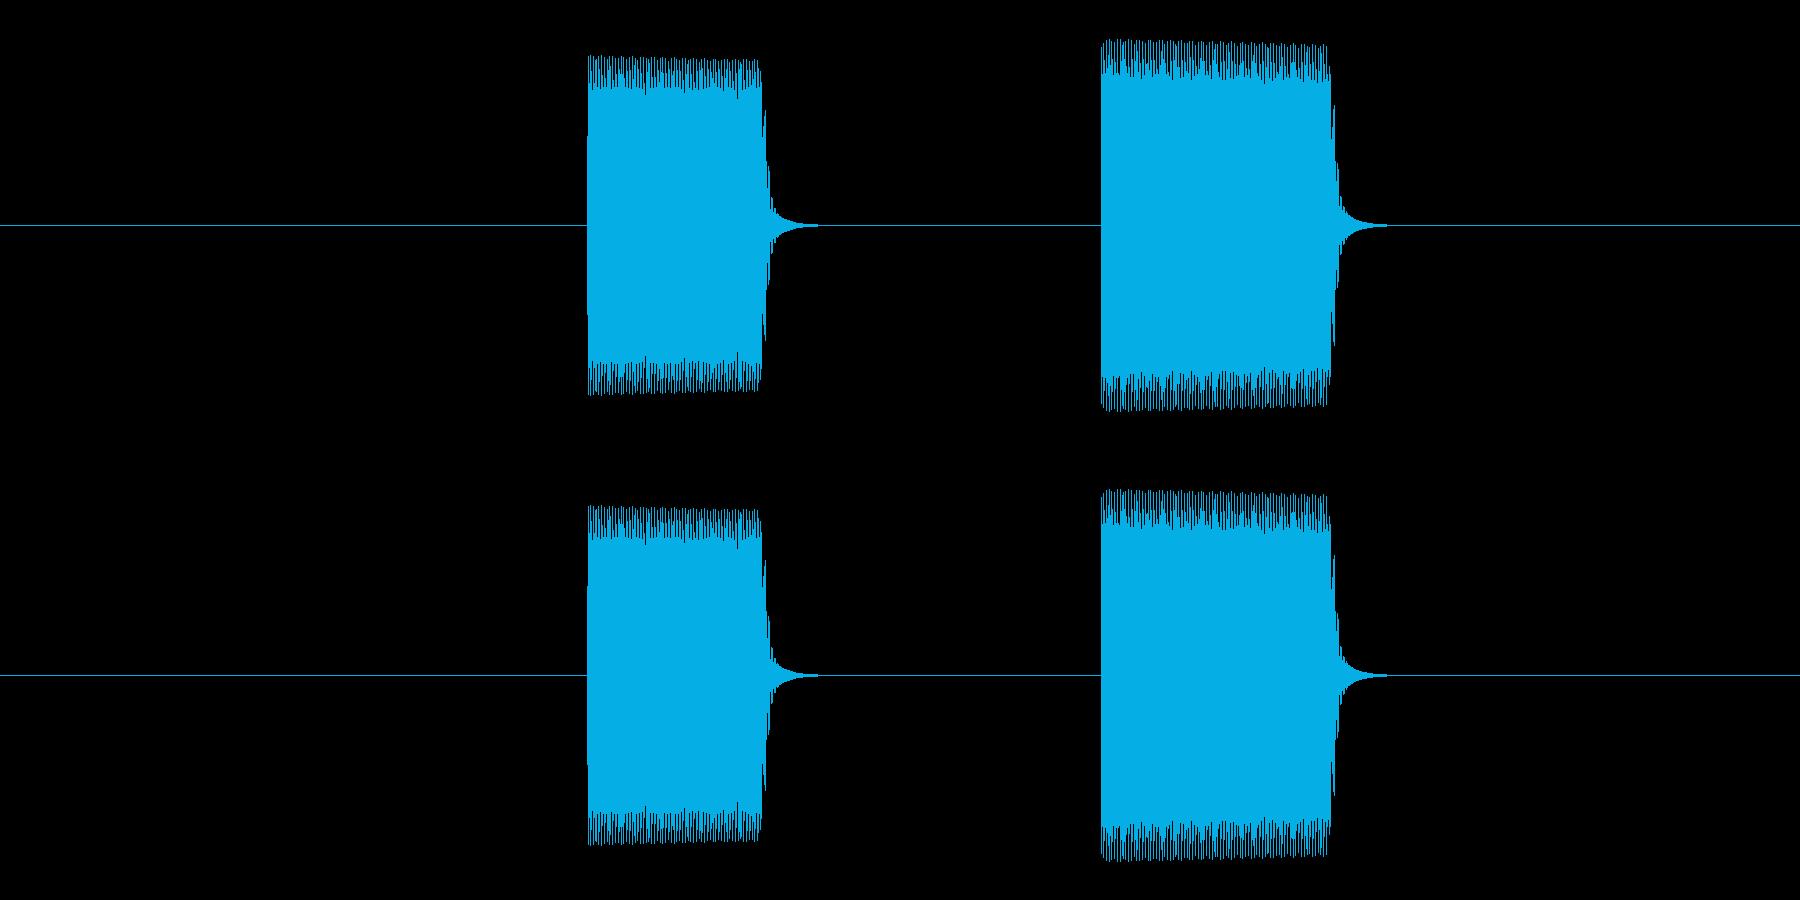 ピピッ(タイマー・アラーム・通知・計測)の再生済みの波形